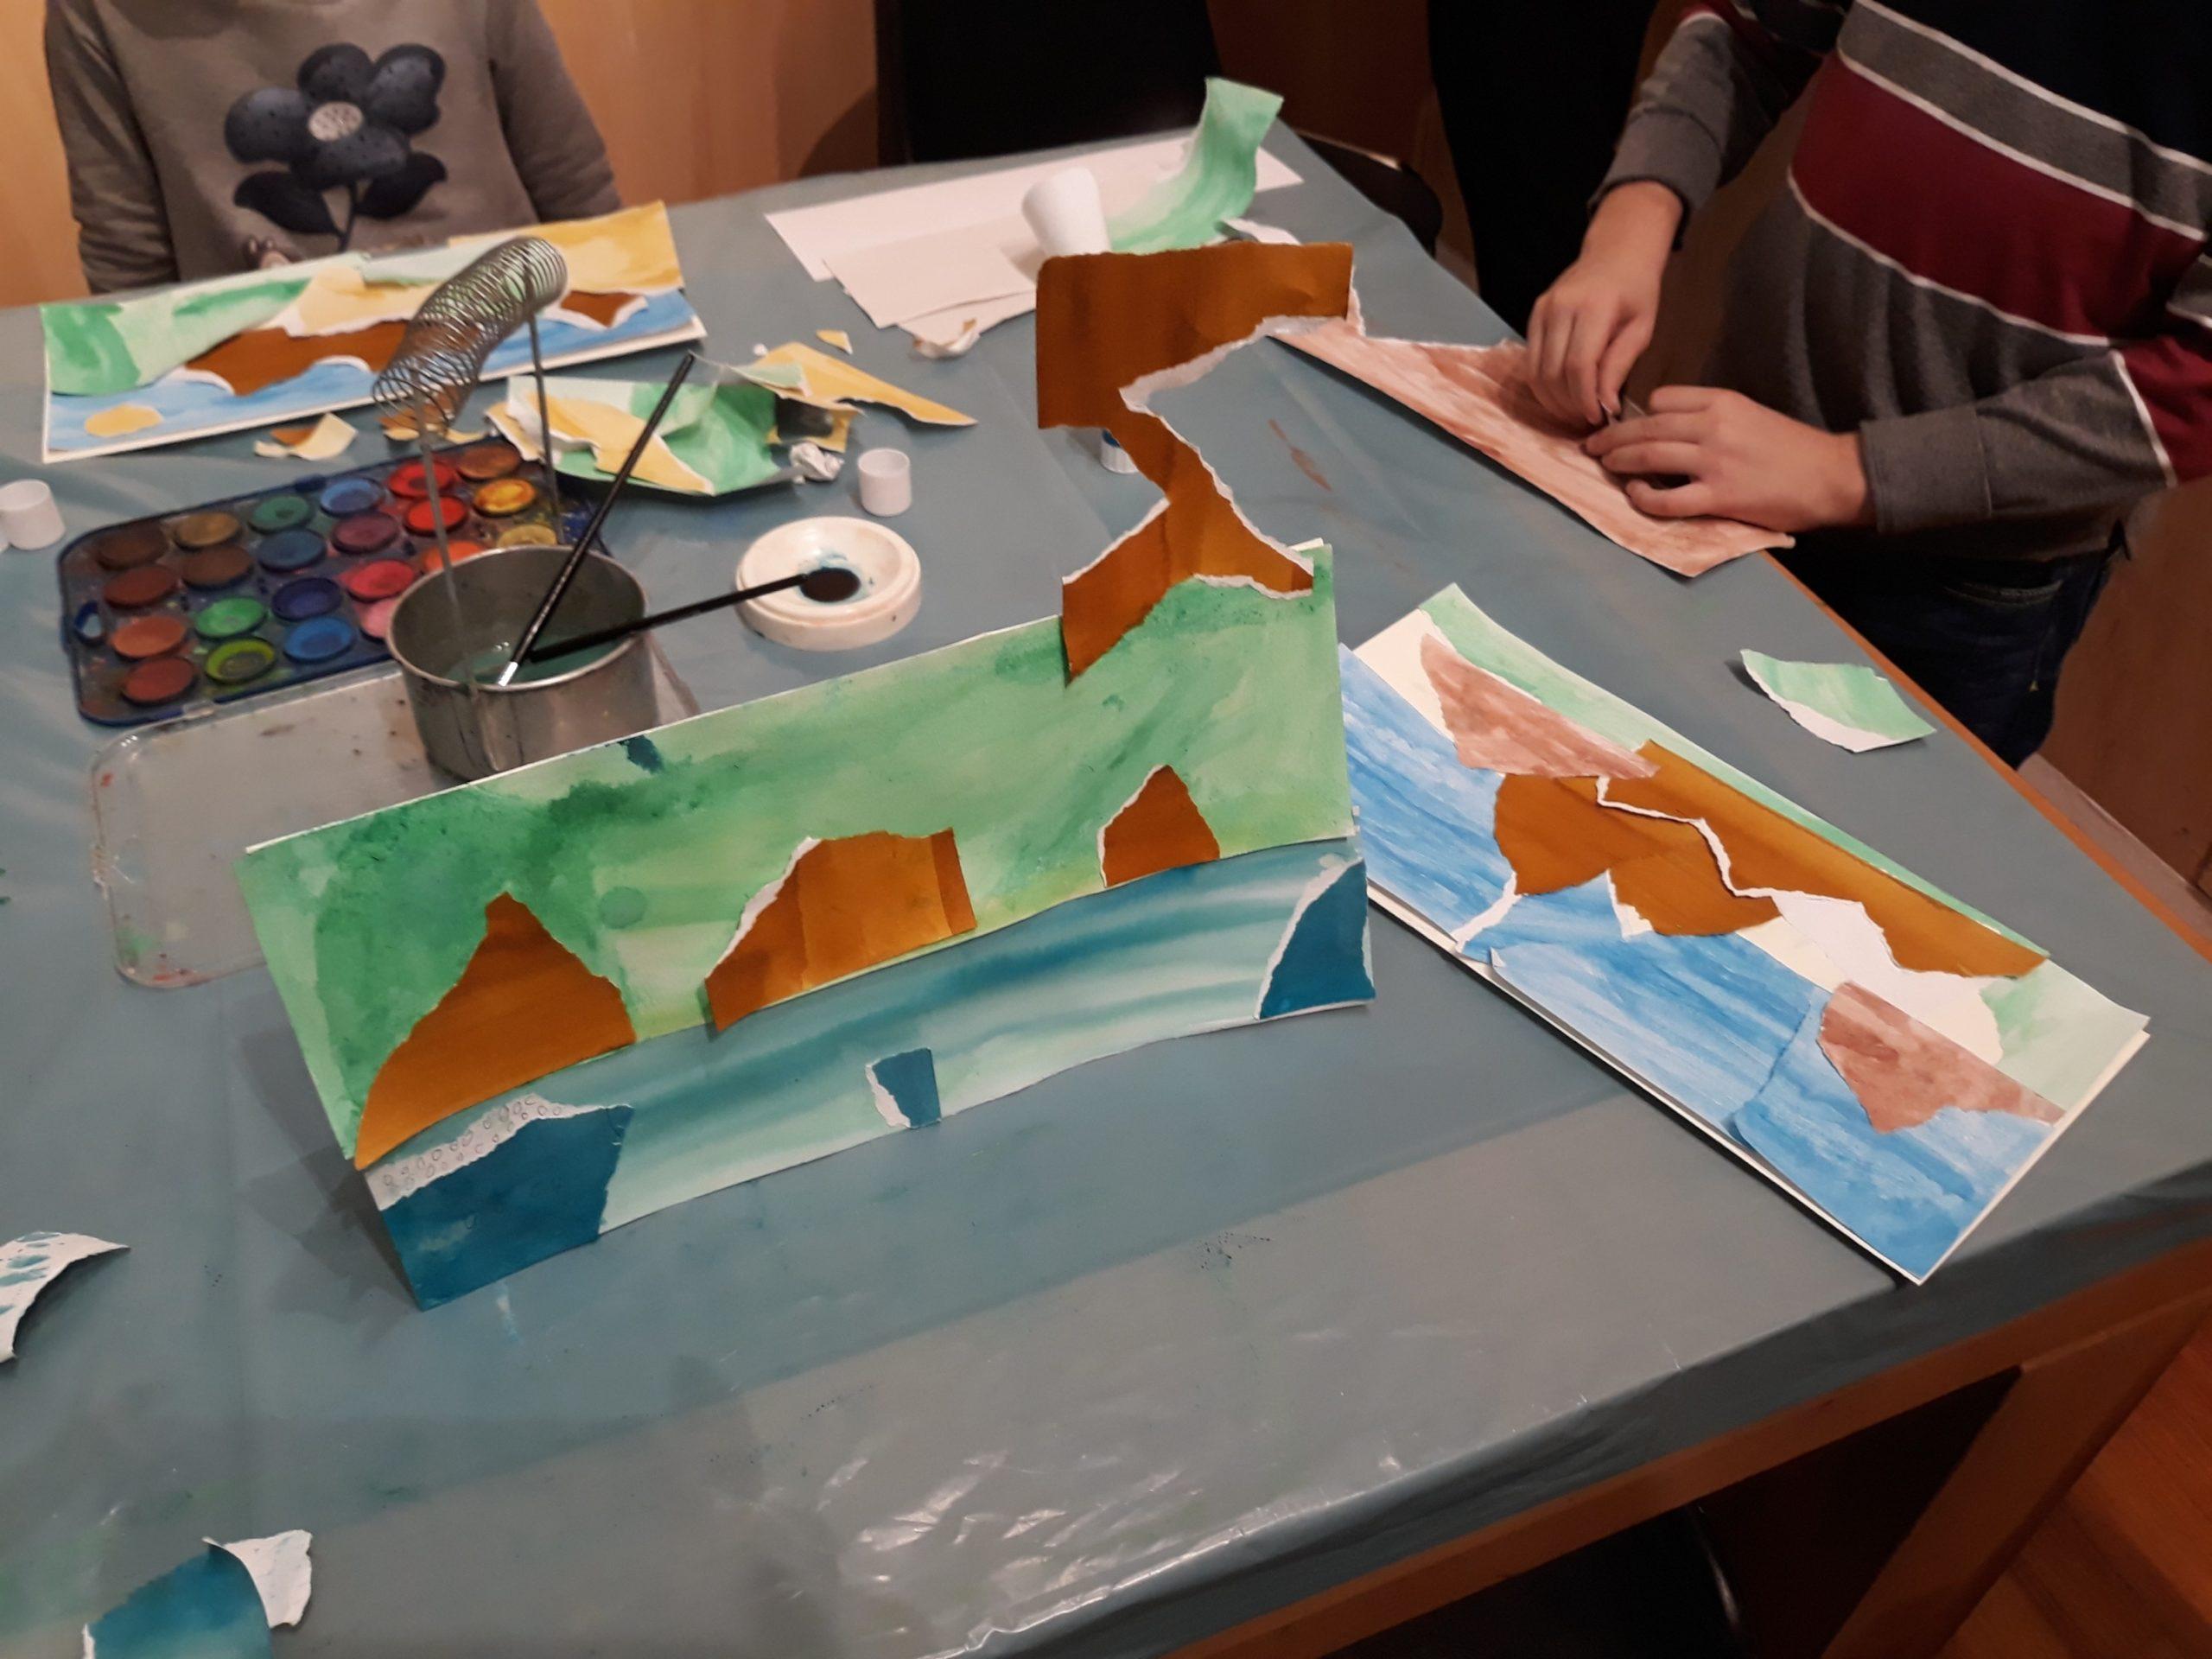 Alla GAM a gennaio, attività family sull'arte pittorica dei Macchiaioli